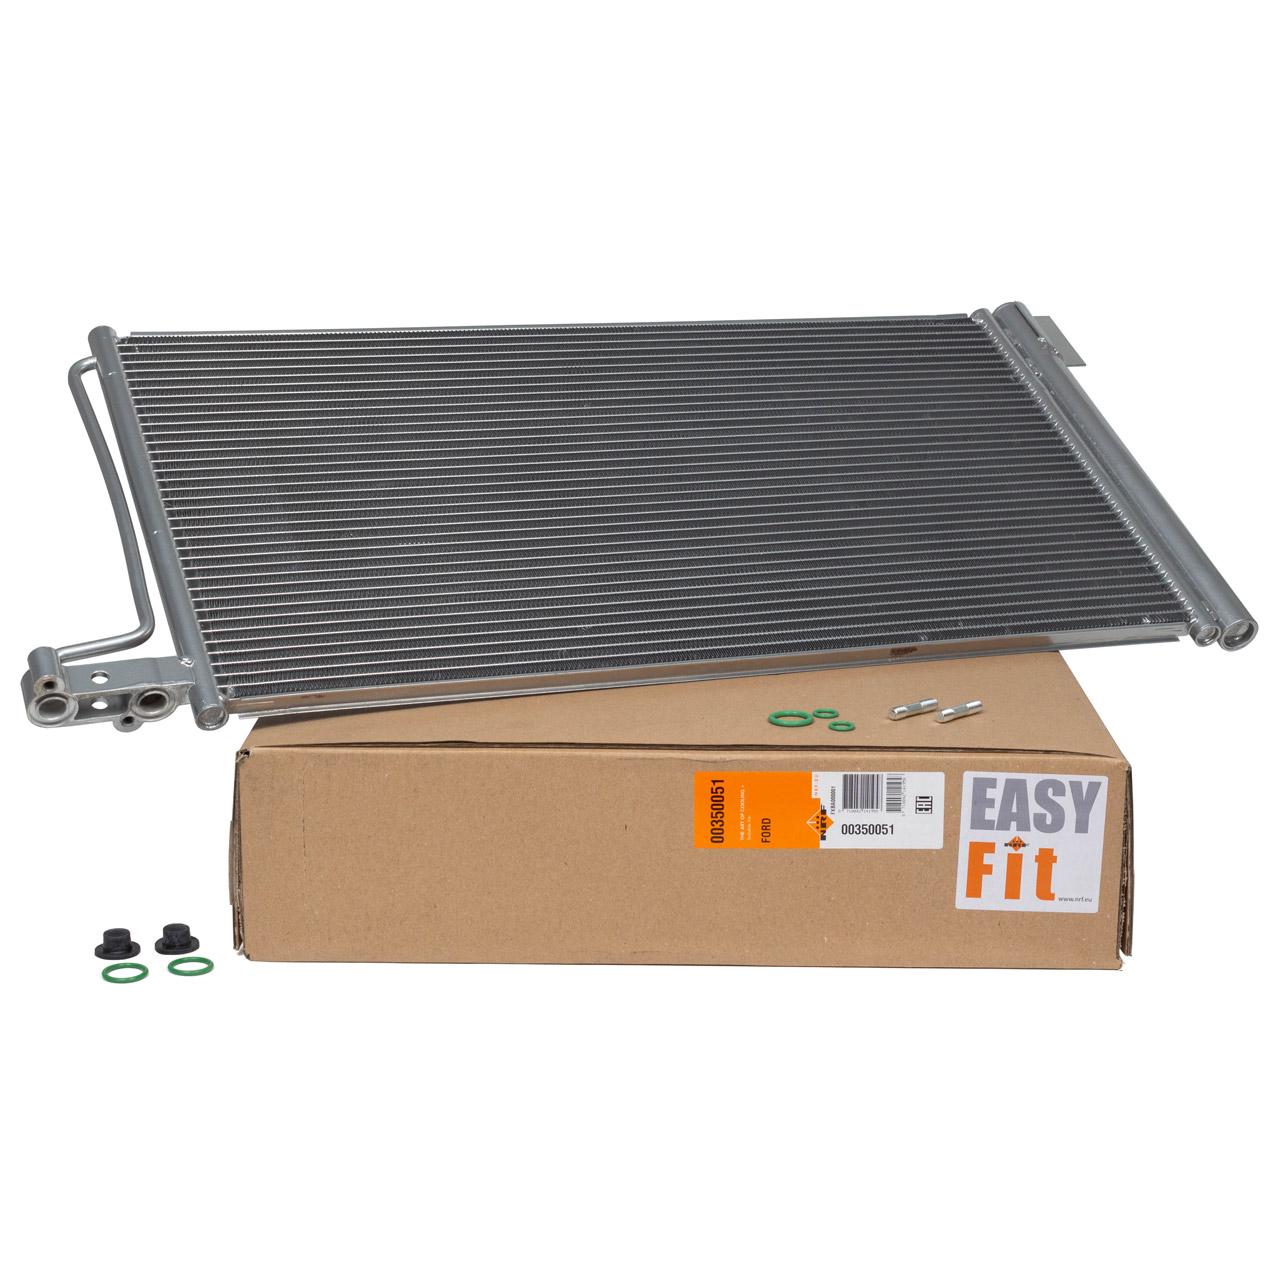 NRF 350051 EASY FIT Kondensator Klimaanlage FORD C-Max 2 1.6 Focus 3 MK3 1.6 1.8 1684204